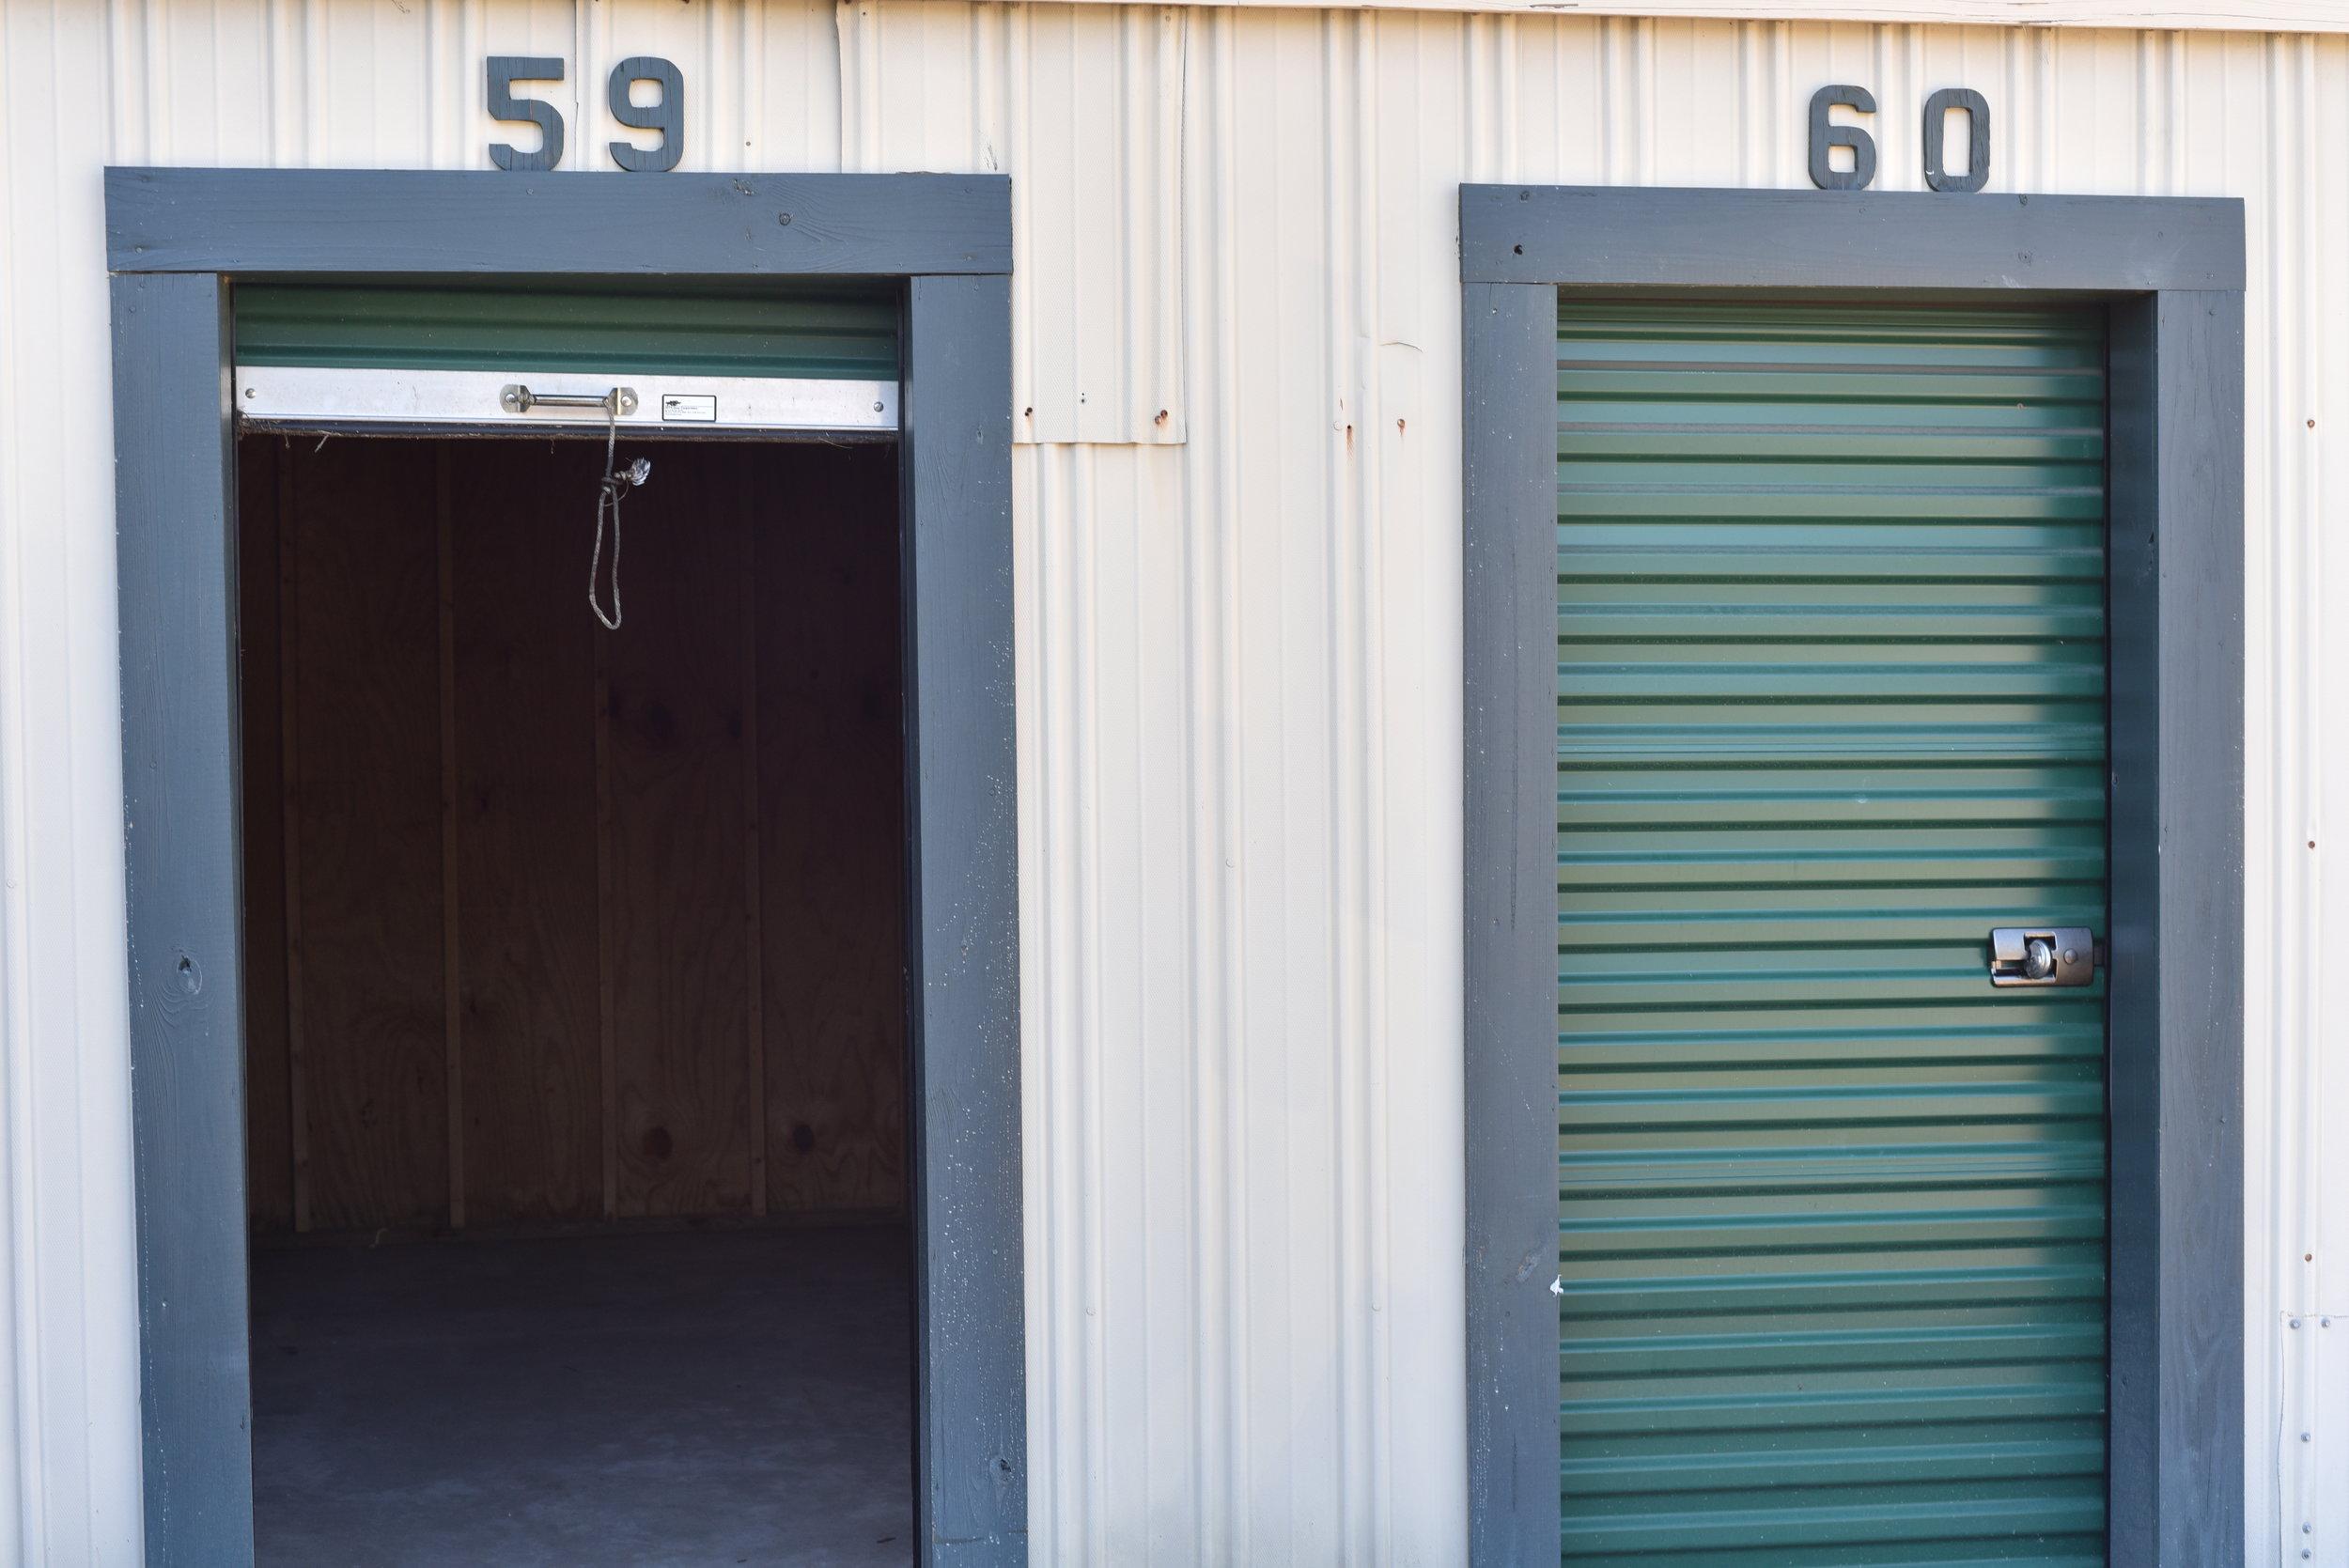 Unit 59 | 8x15 | $150